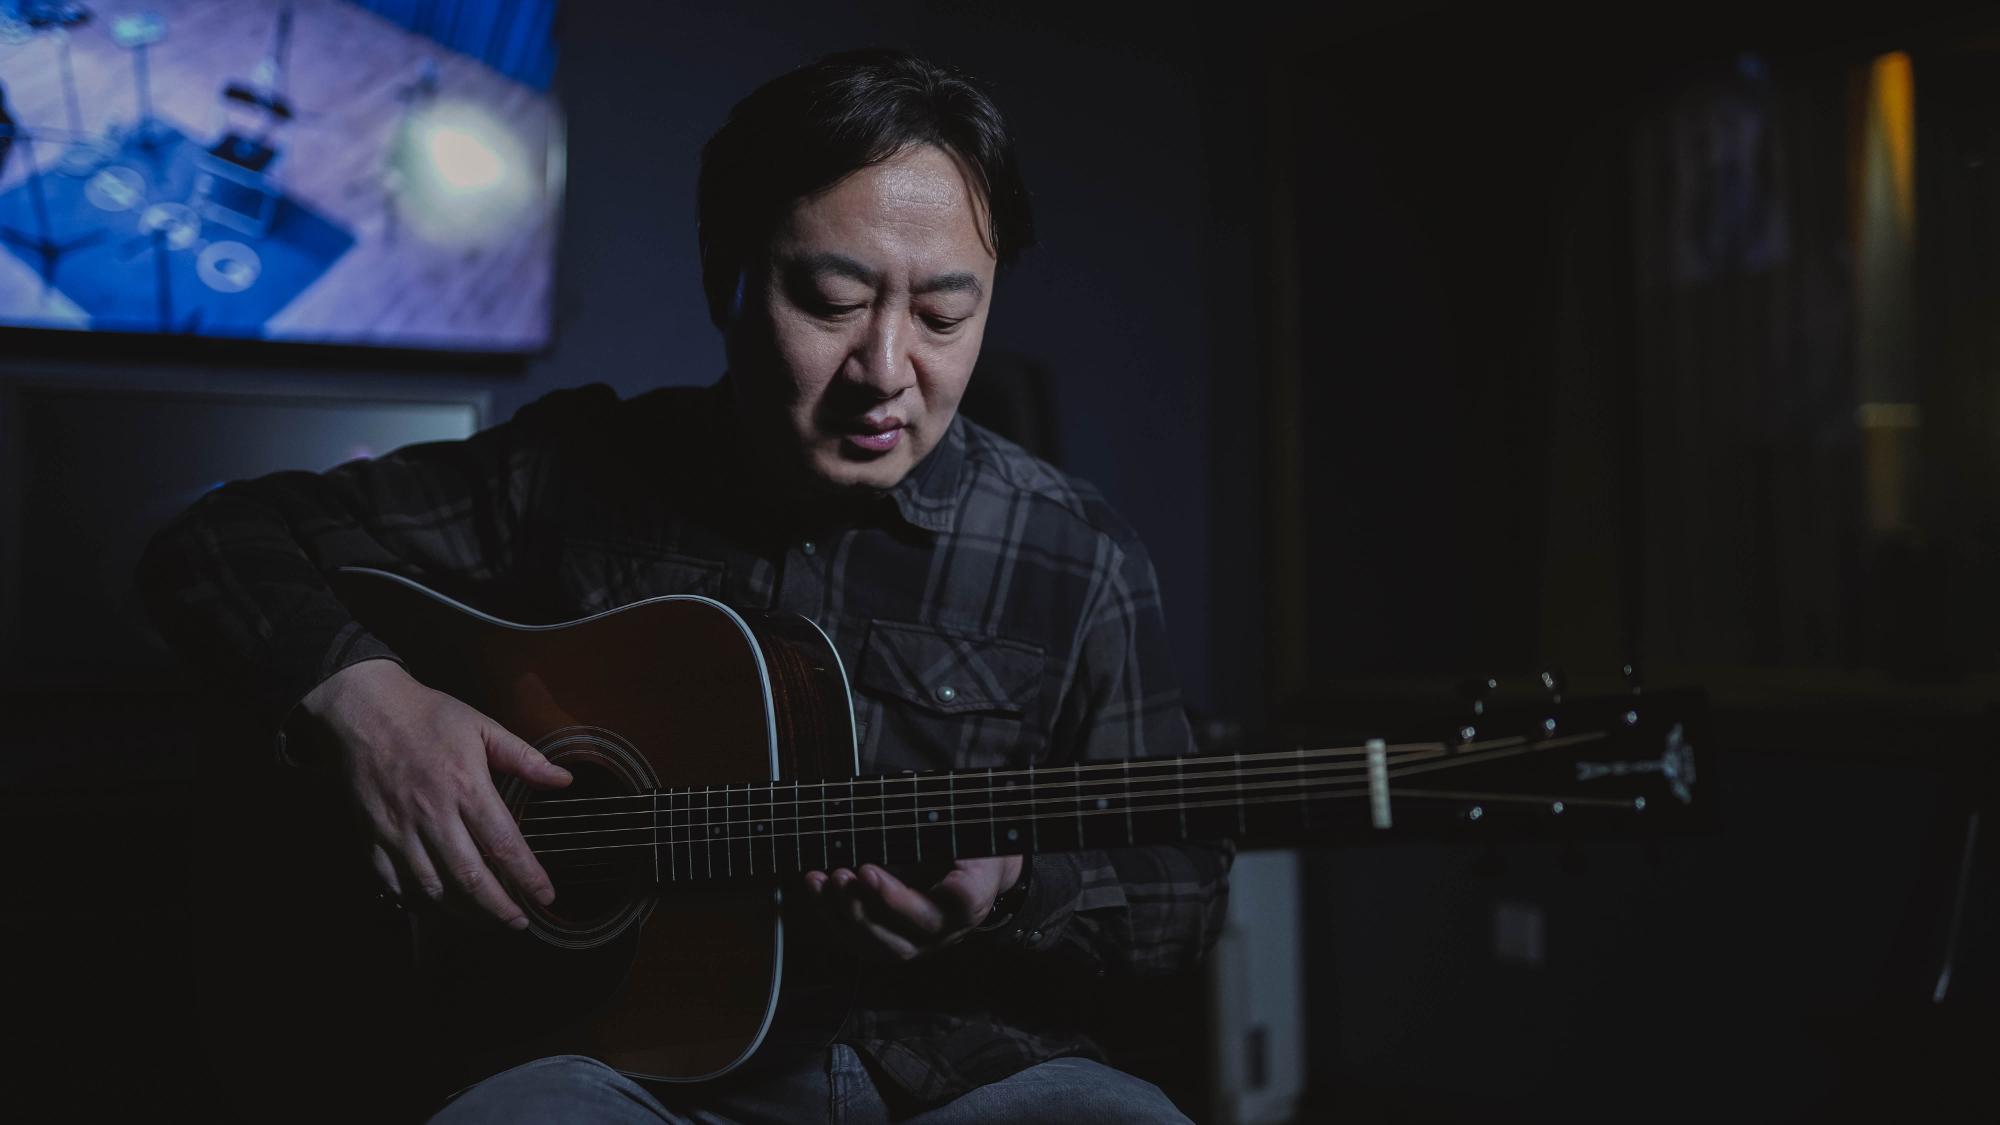 左小、赵雷、南京市民B哥的合作伙伴S.A.G怎么看国产吉他?